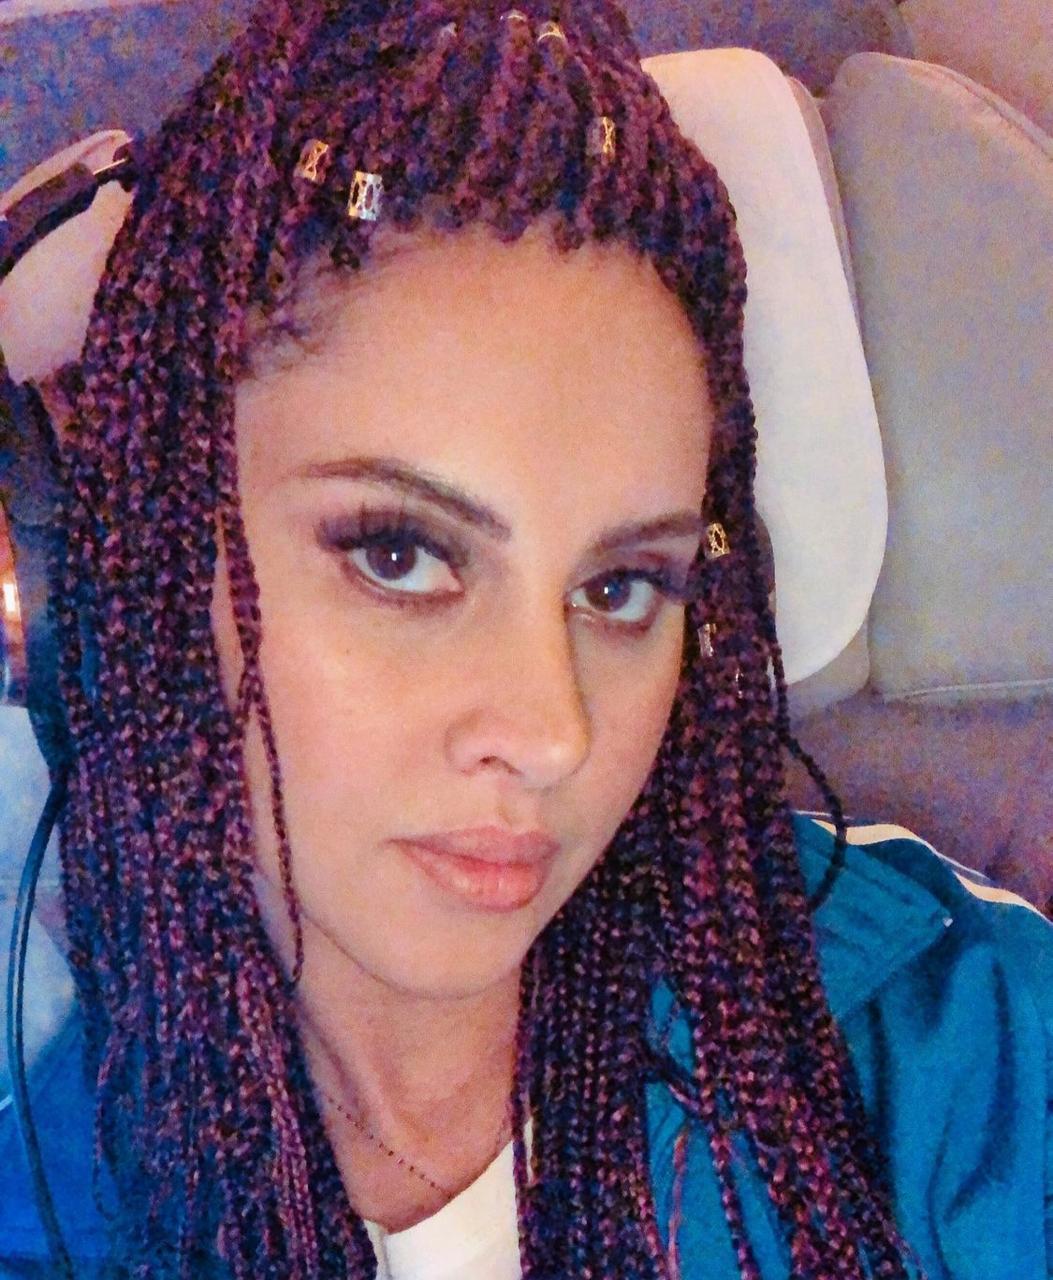 ياسمين رئيس بتسريحة الضفائر الأفريقية -الصورة من حسابها على الانستغرام